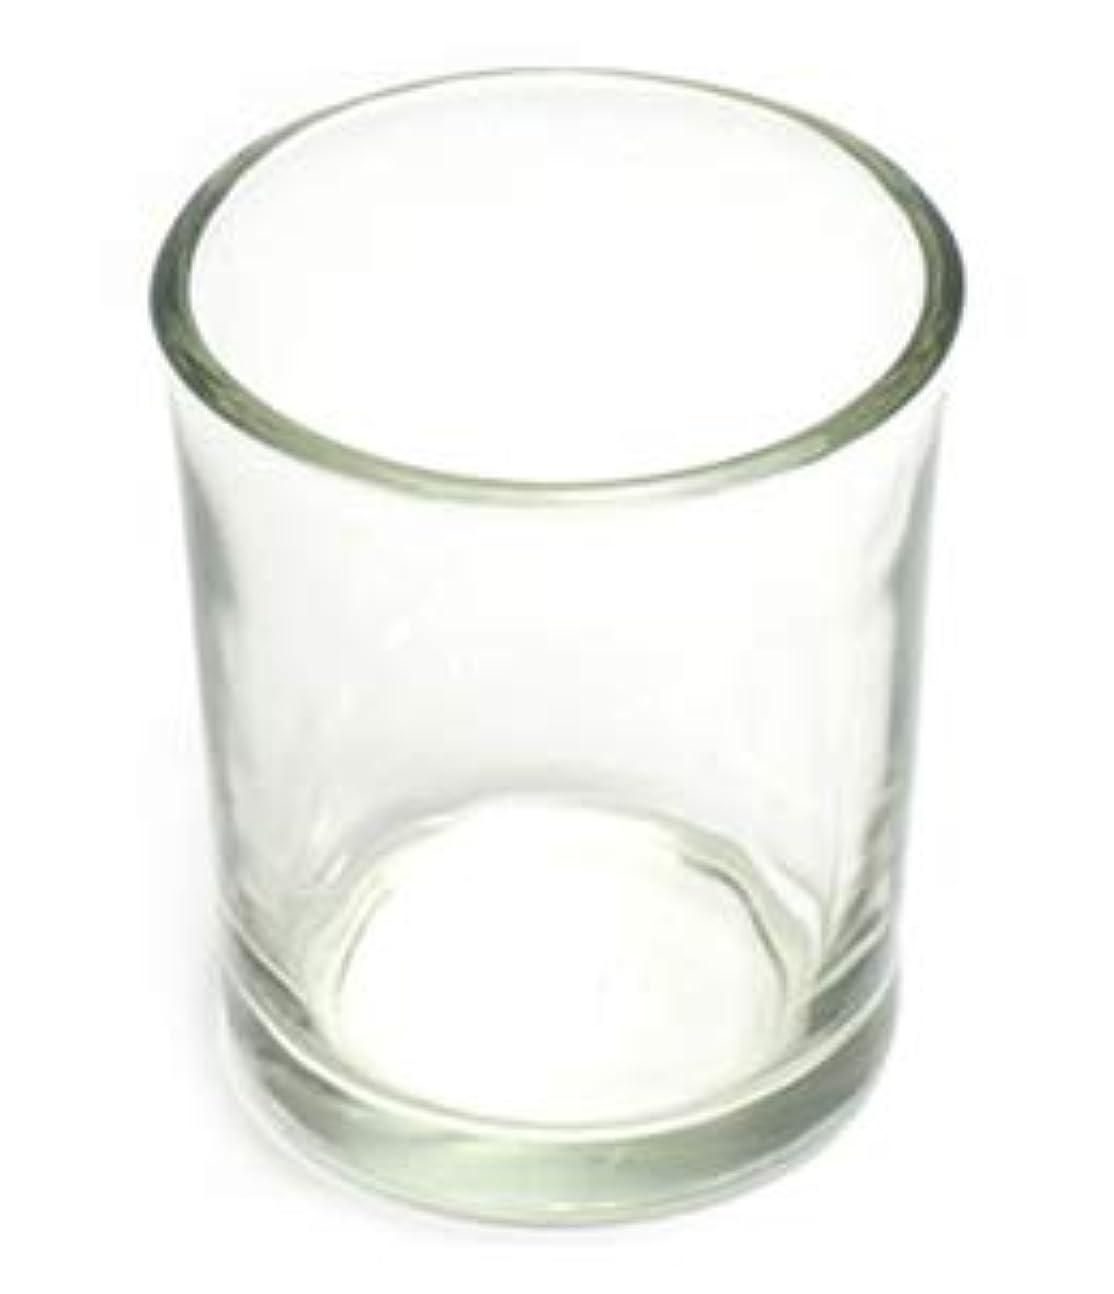 比類のない従来のとても多くのキャンドルホルダー ガラス シンプル[小] 192個【キャンドルスタンド 透明 クリア おしゃれ ろうそく立て】